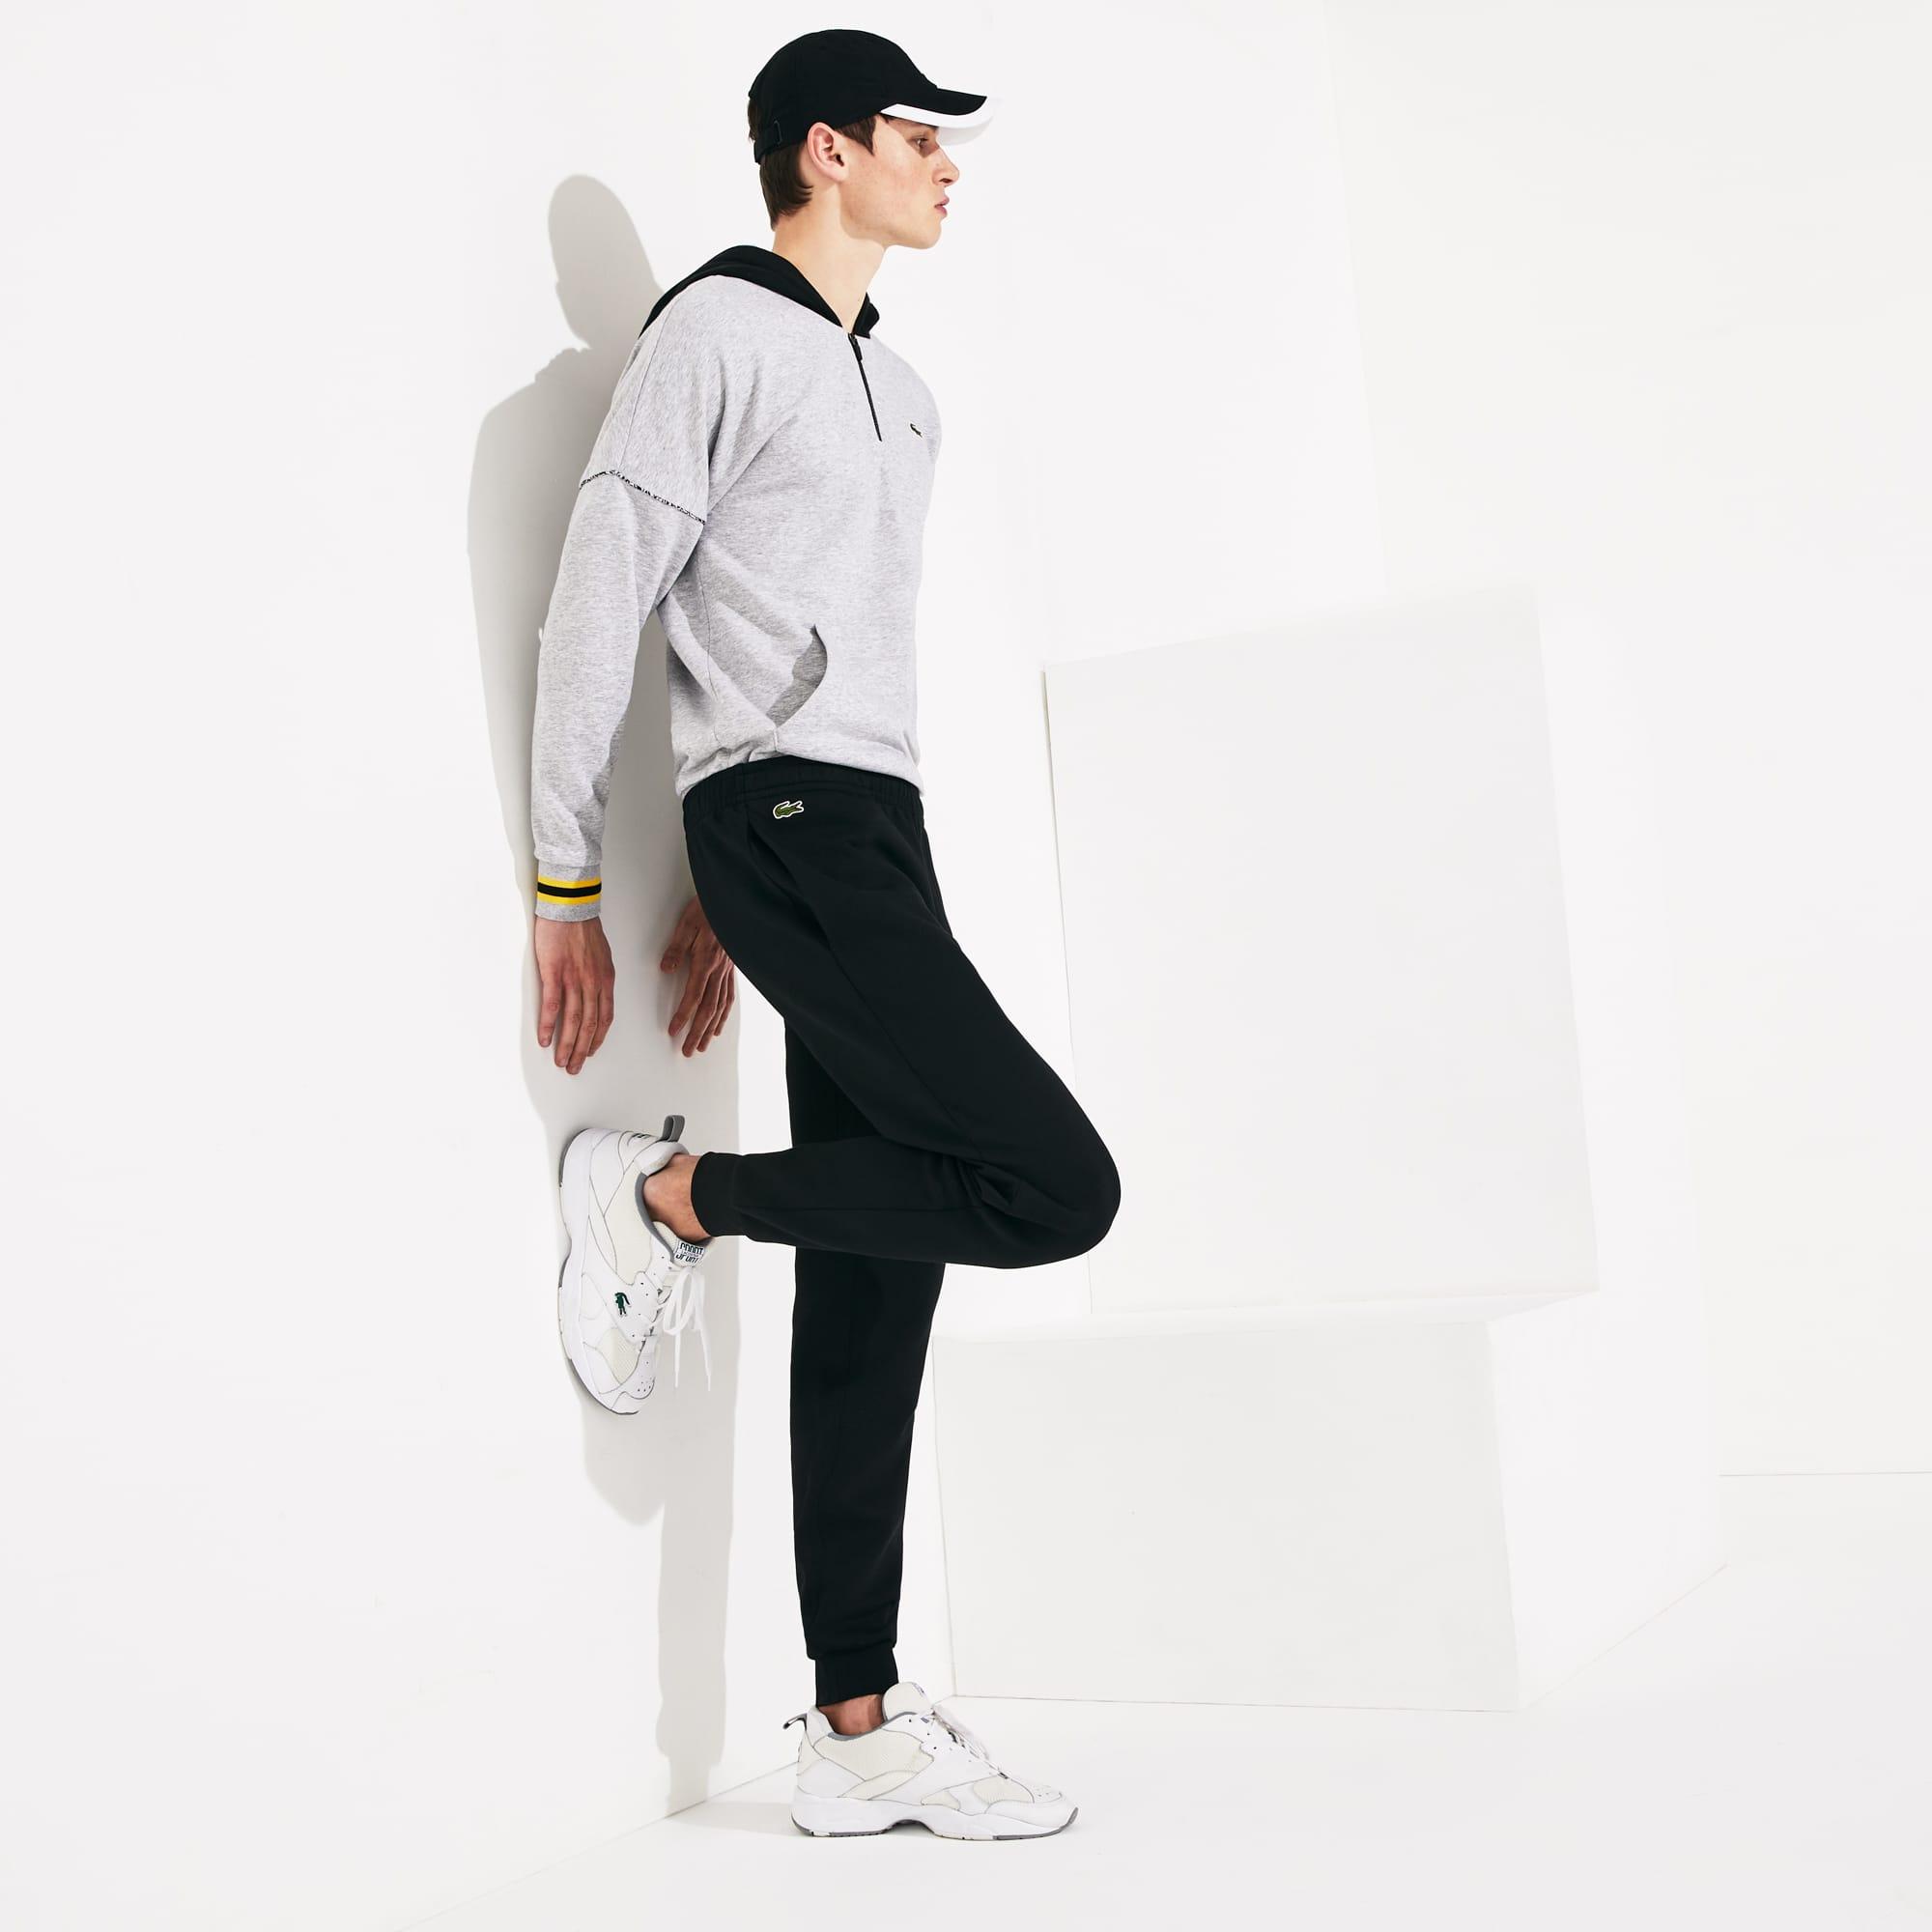 سروال رياضي صوفي من مجموعة Lacoste SPORT Tennis للرجال